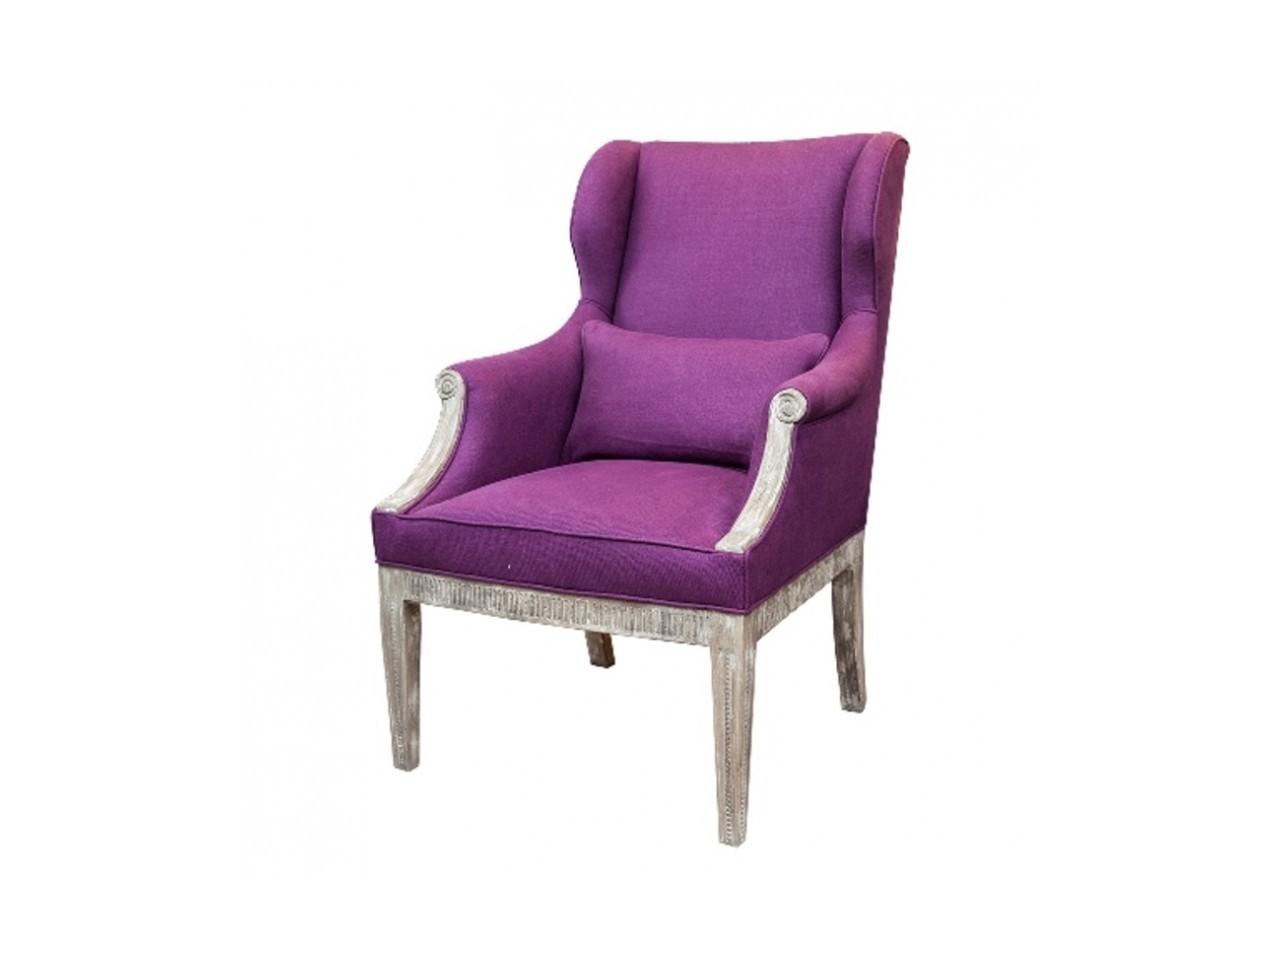 Кресло СигнораКресла с высокой спинкой<br>Оригинальное и элегантное кресло, выполненное в стиле ретро. Его отличительной особенностью считается наличие состаренных ножек, выполненных из натуральной древесины, а также рамы с незначительной резьбой. Кресло &amp;quot;Сигнора&amp;quot; имеет яркую мягкую обивку из бархата цвета фуксии.&amp;amp;nbsp;Мягкие сиденья, крупные и комфортабельные подлокотники – всё это придаёт креслу максимально уютный и привлекательный вид.<br><br>Material: Бархат<br>Width см: 86<br>Depth см: 71<br>Height см: 110